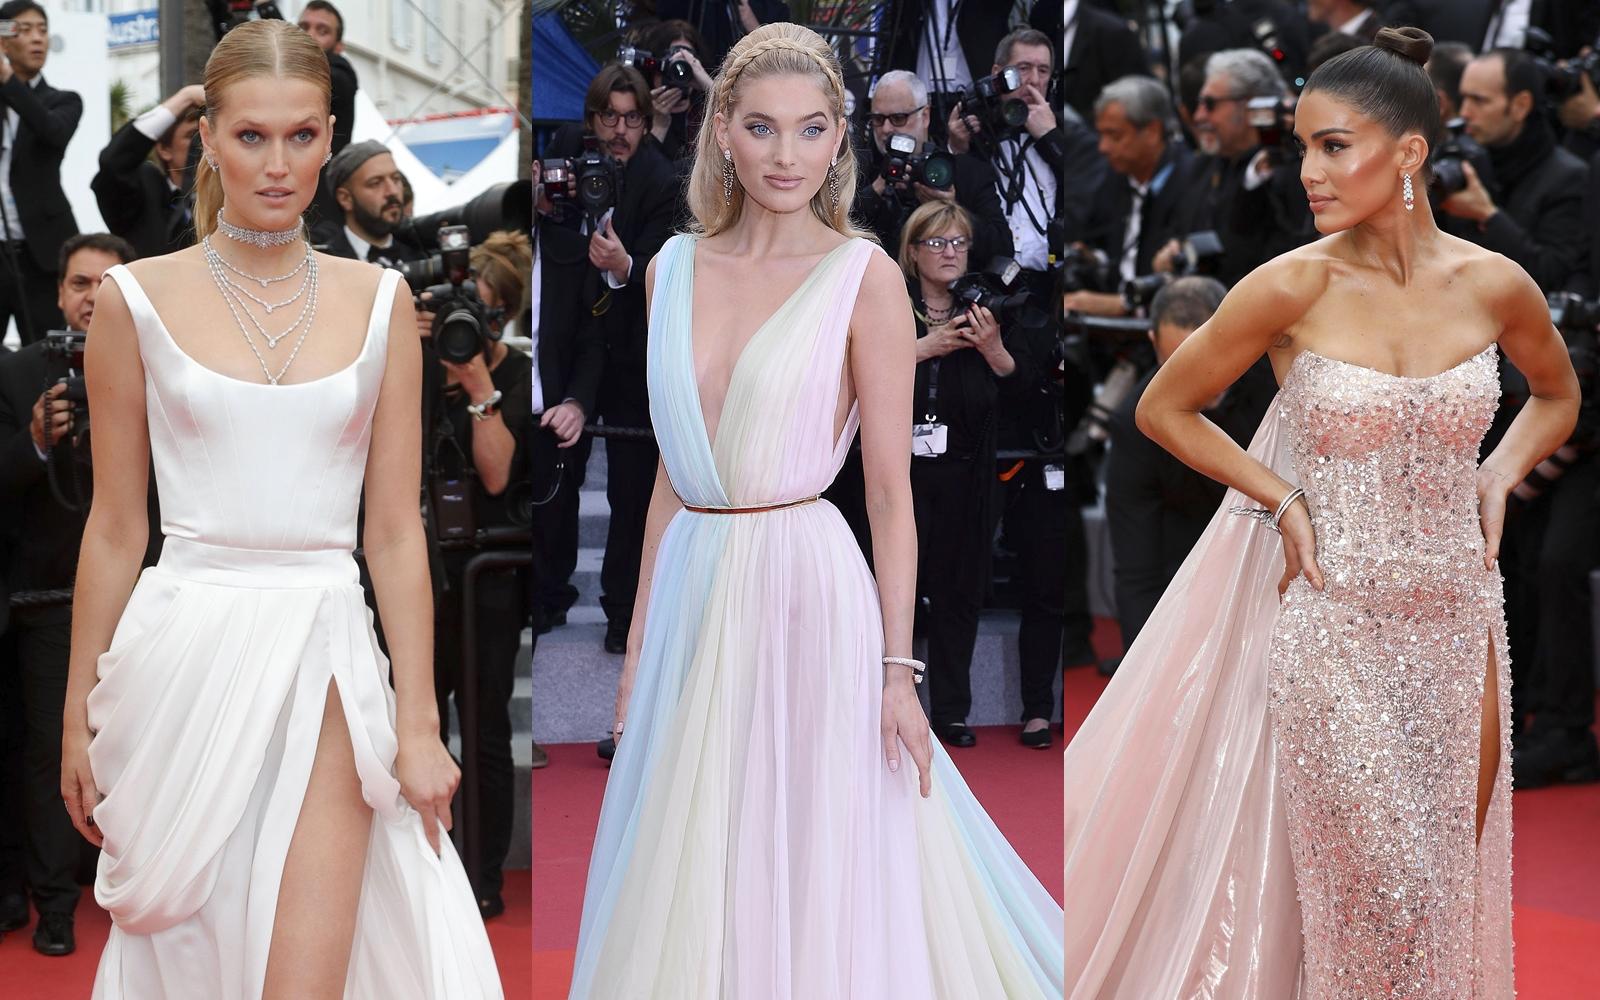 Ce au purtat celebritățile în a șasea seară a Festivalului de Film de la Cannes 2019